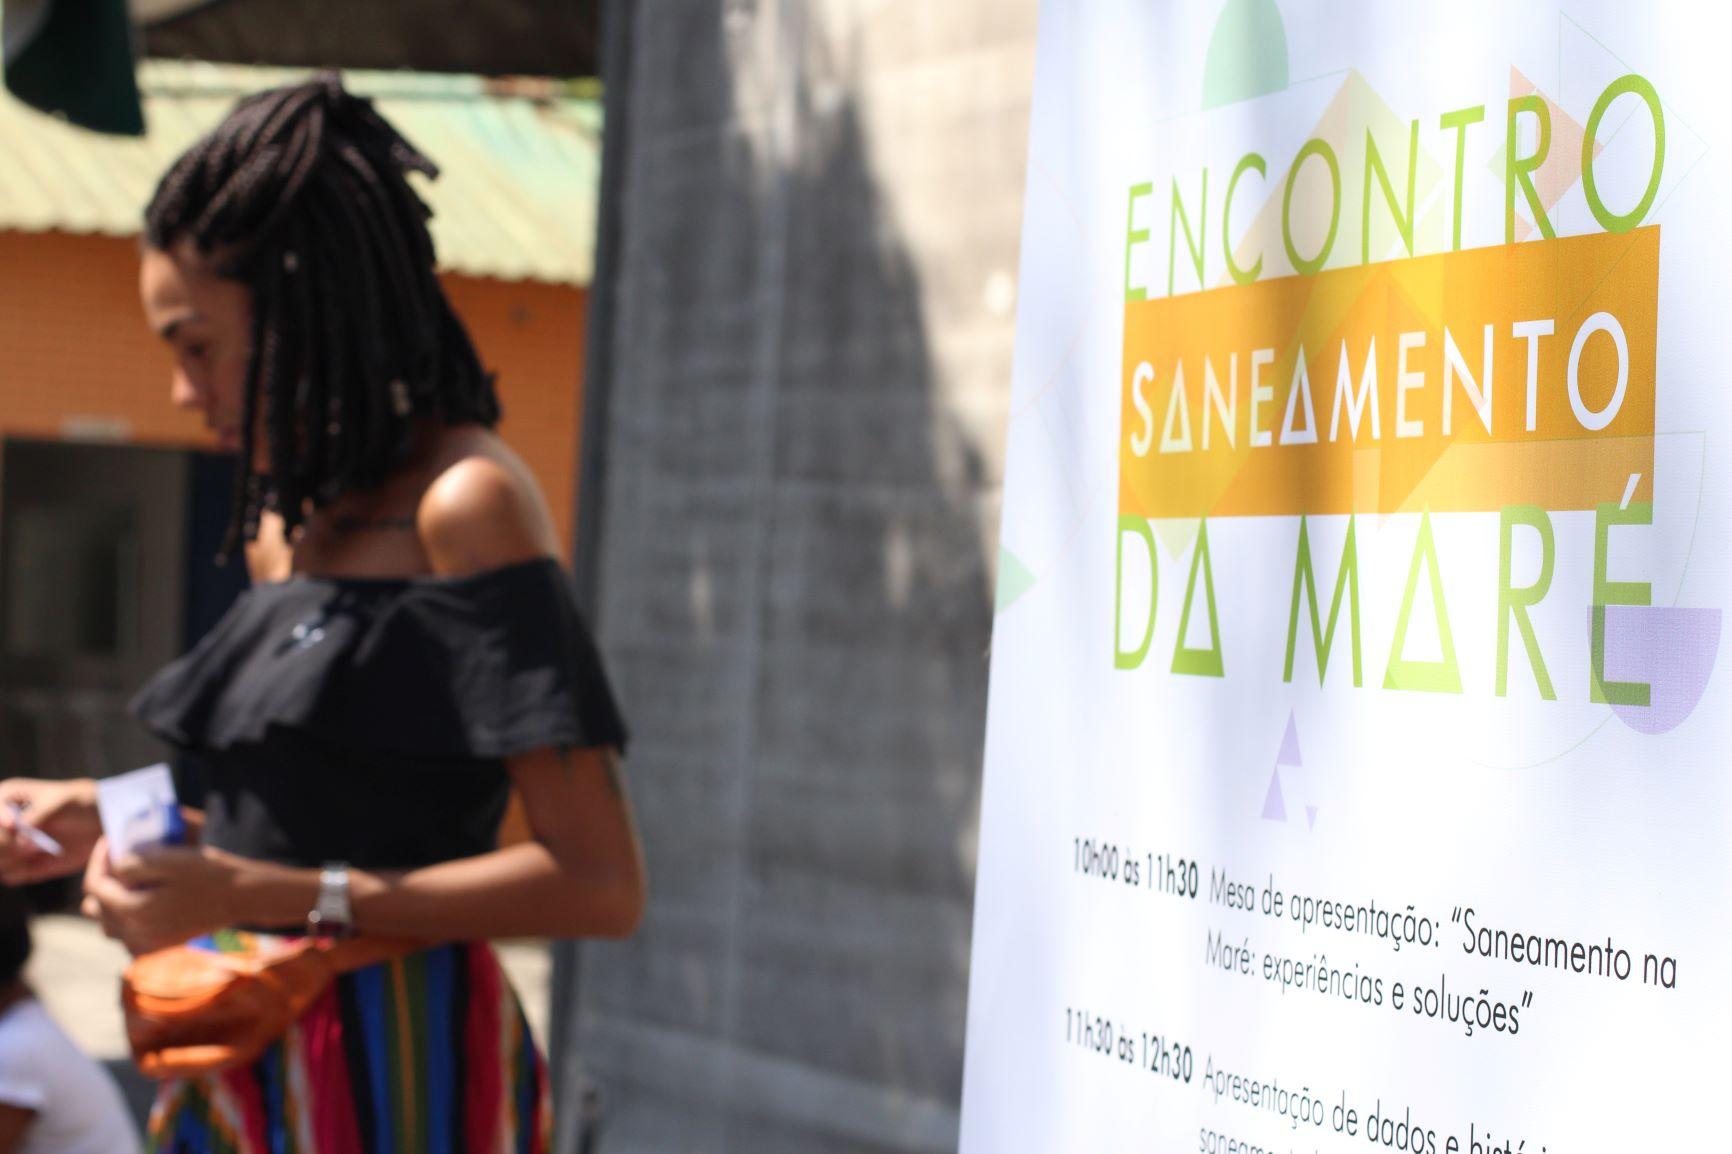 Encontro Saneamento da Maré em 2019: tema presente nos debates dos moradores desde o começo da ocupação da região (Foto: Larissa Amorim/Casa Fluminense)